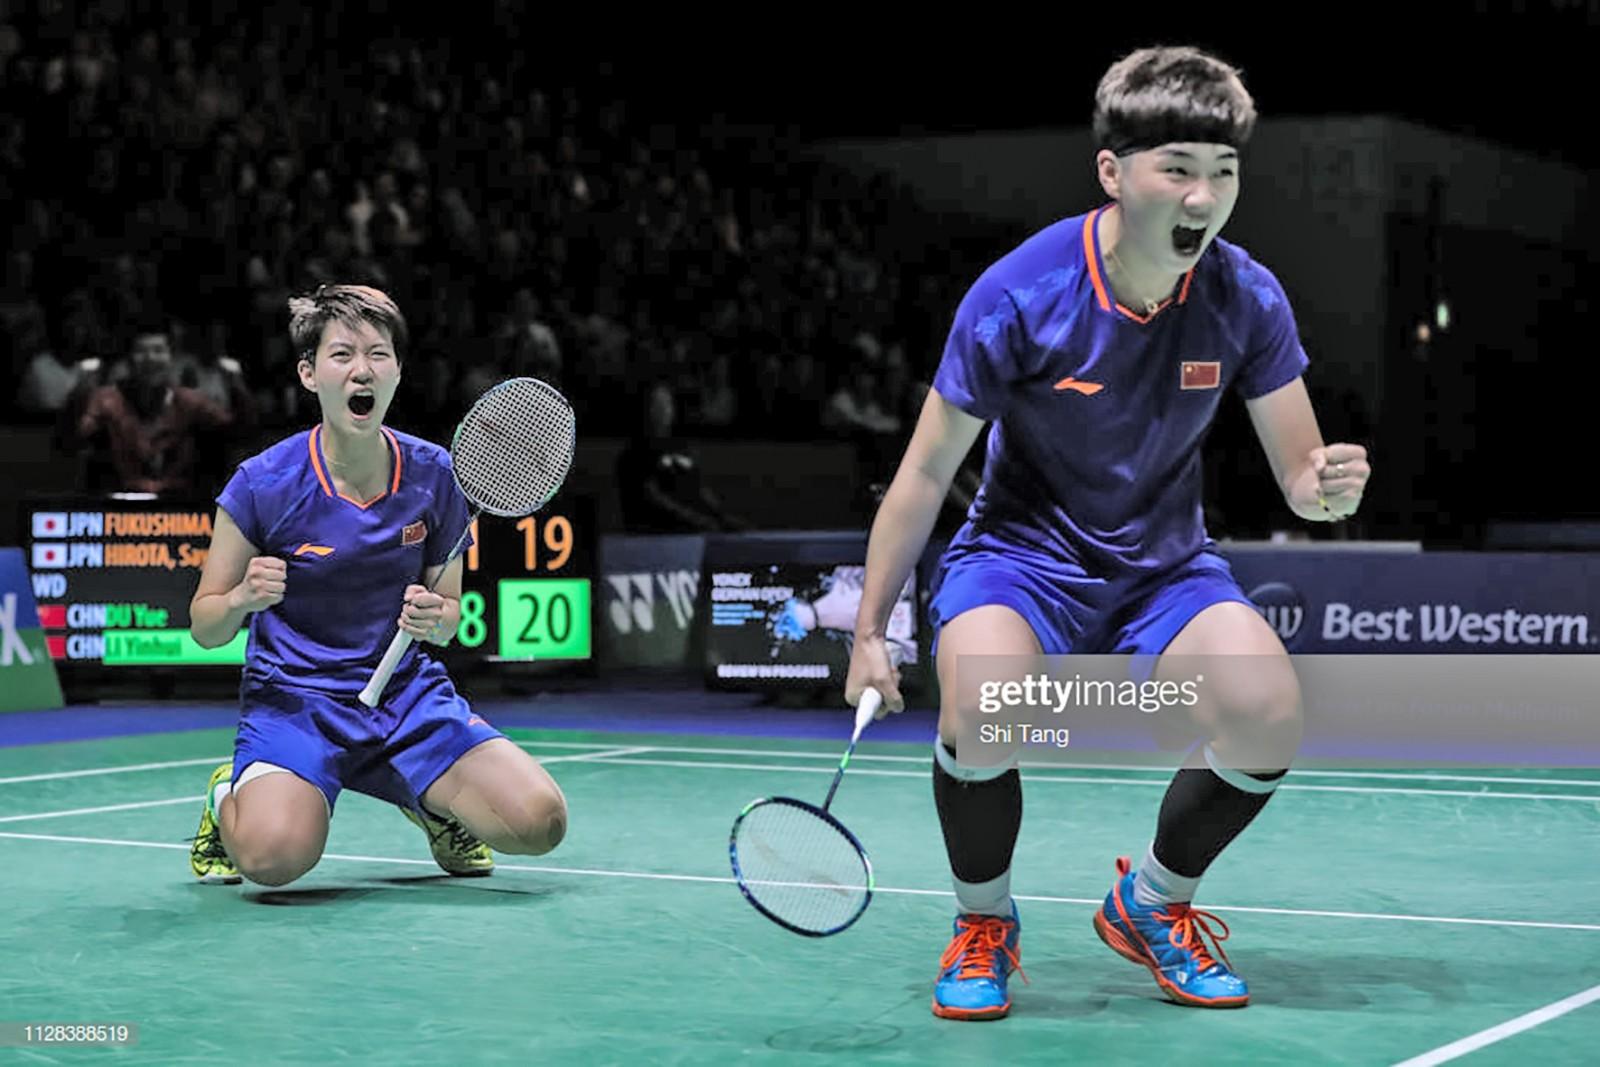 Du Yue và Li Yinhui vui mừng sau chiến thắng trước Yuki Fukushima and Sayaka Hirota. Ảnh: Shi Tang/Getty Images.